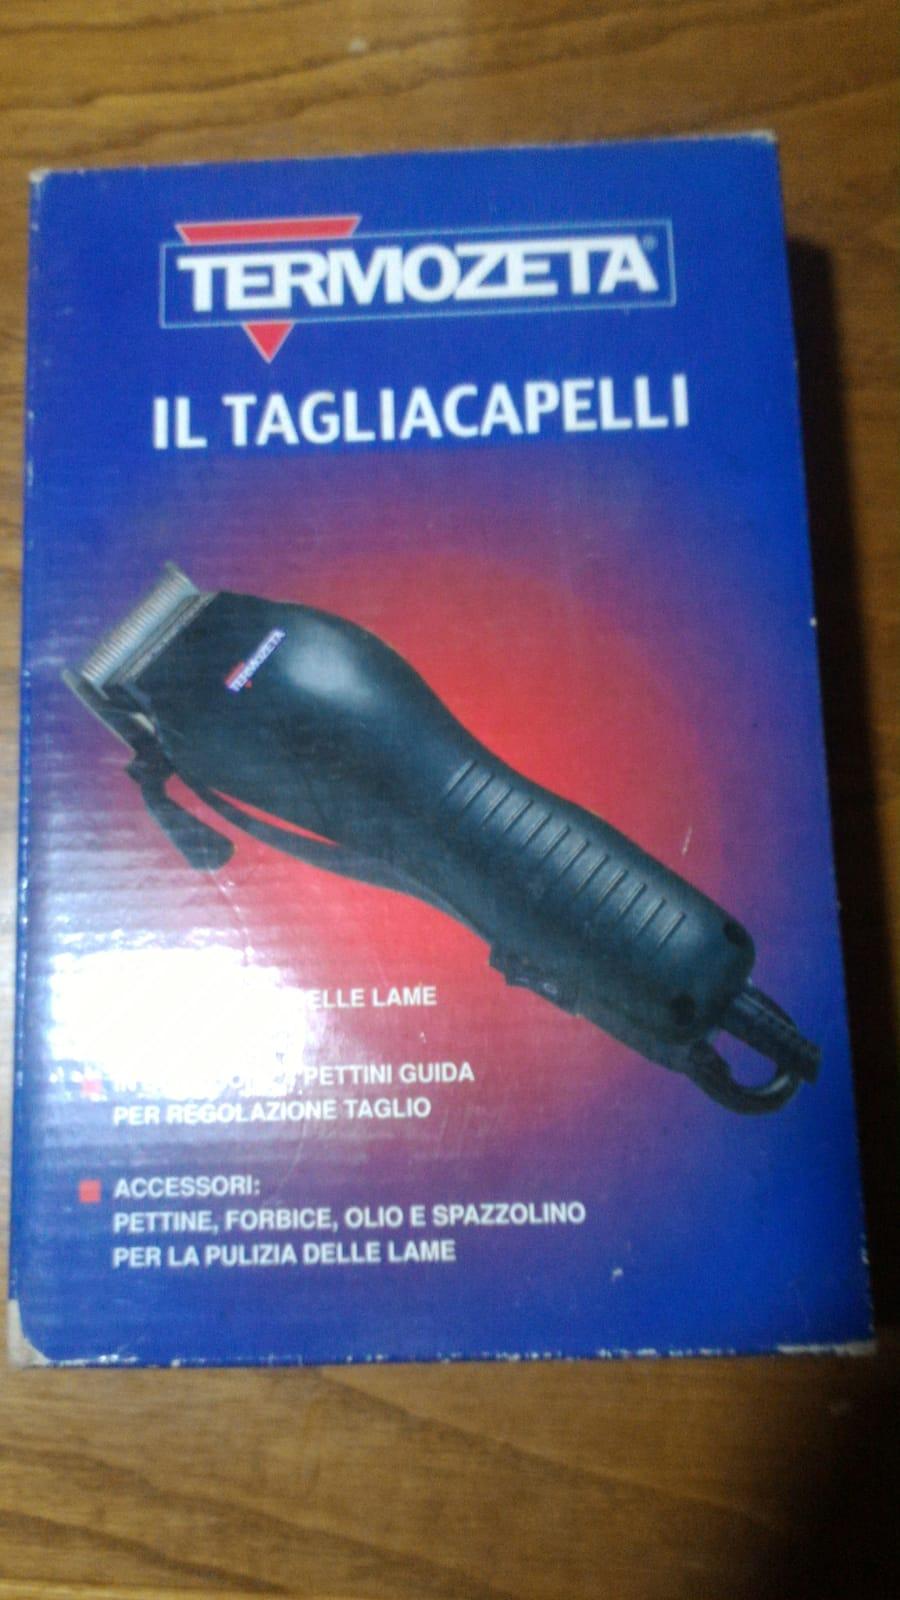 Tagliacapelli Termozeta